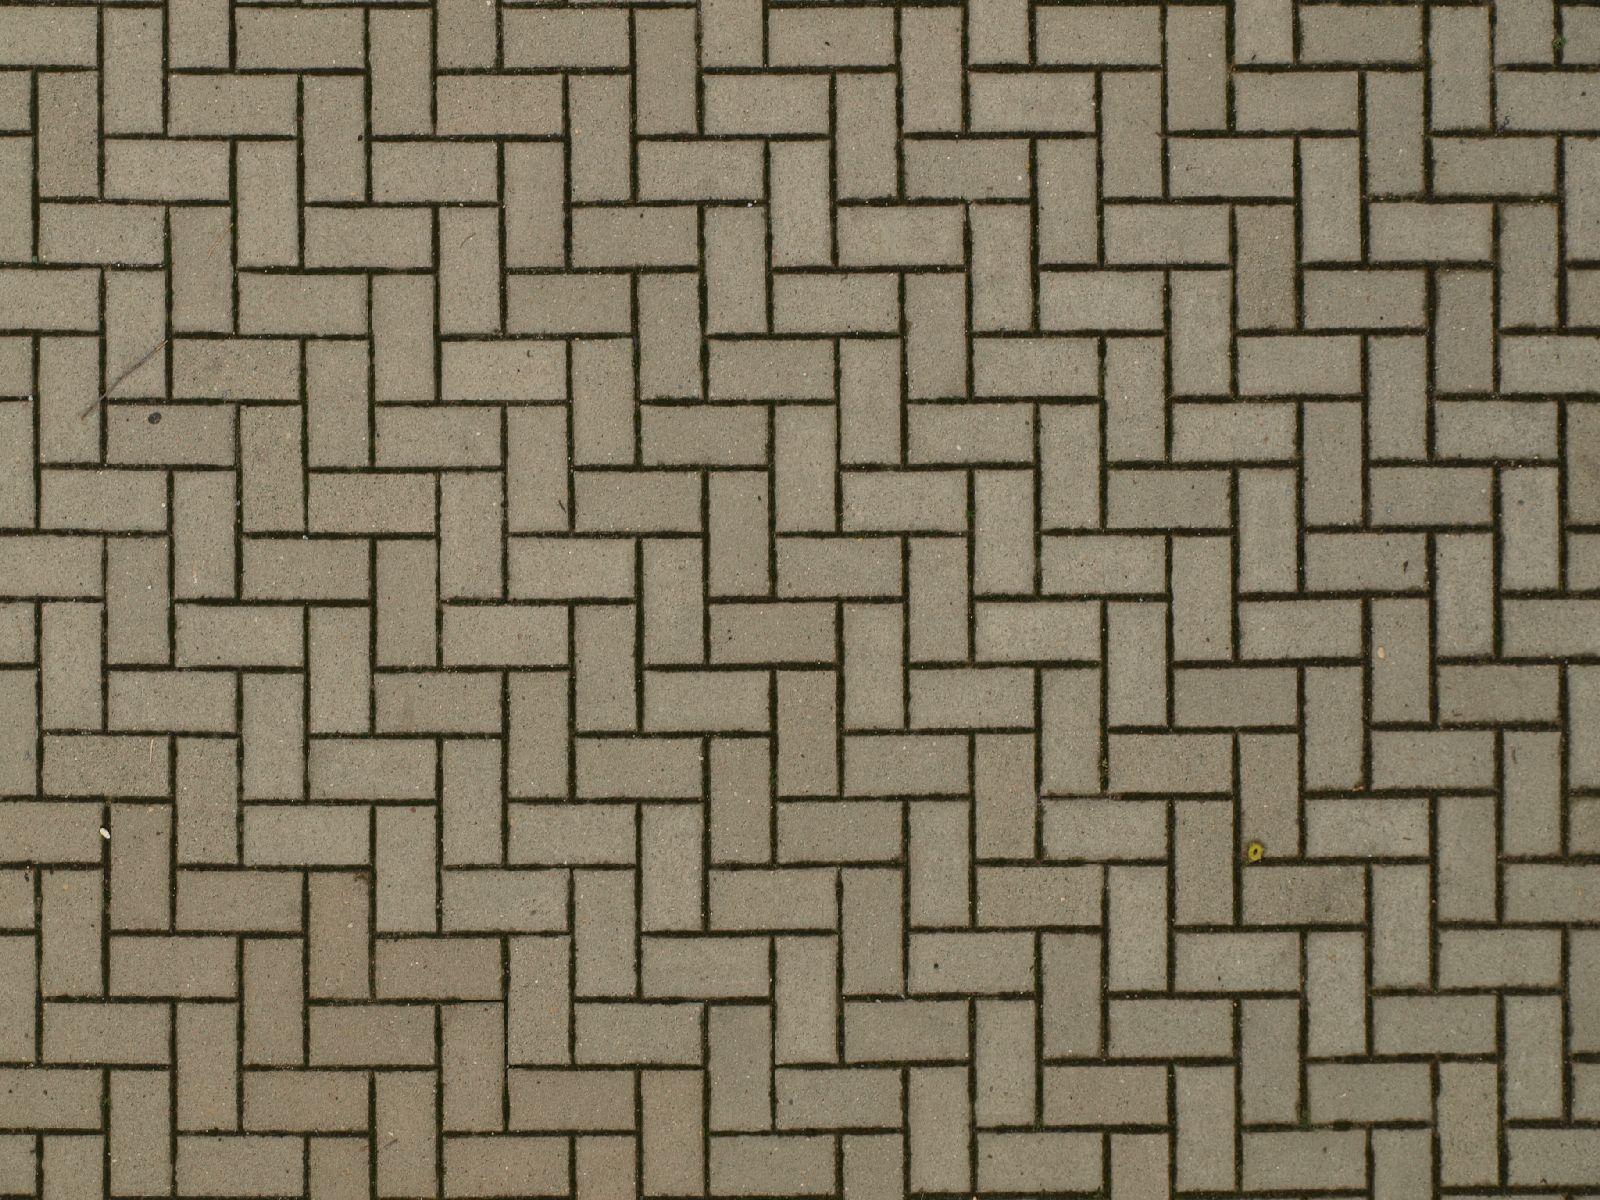 Ground-Urban_Texture_A_P5313138